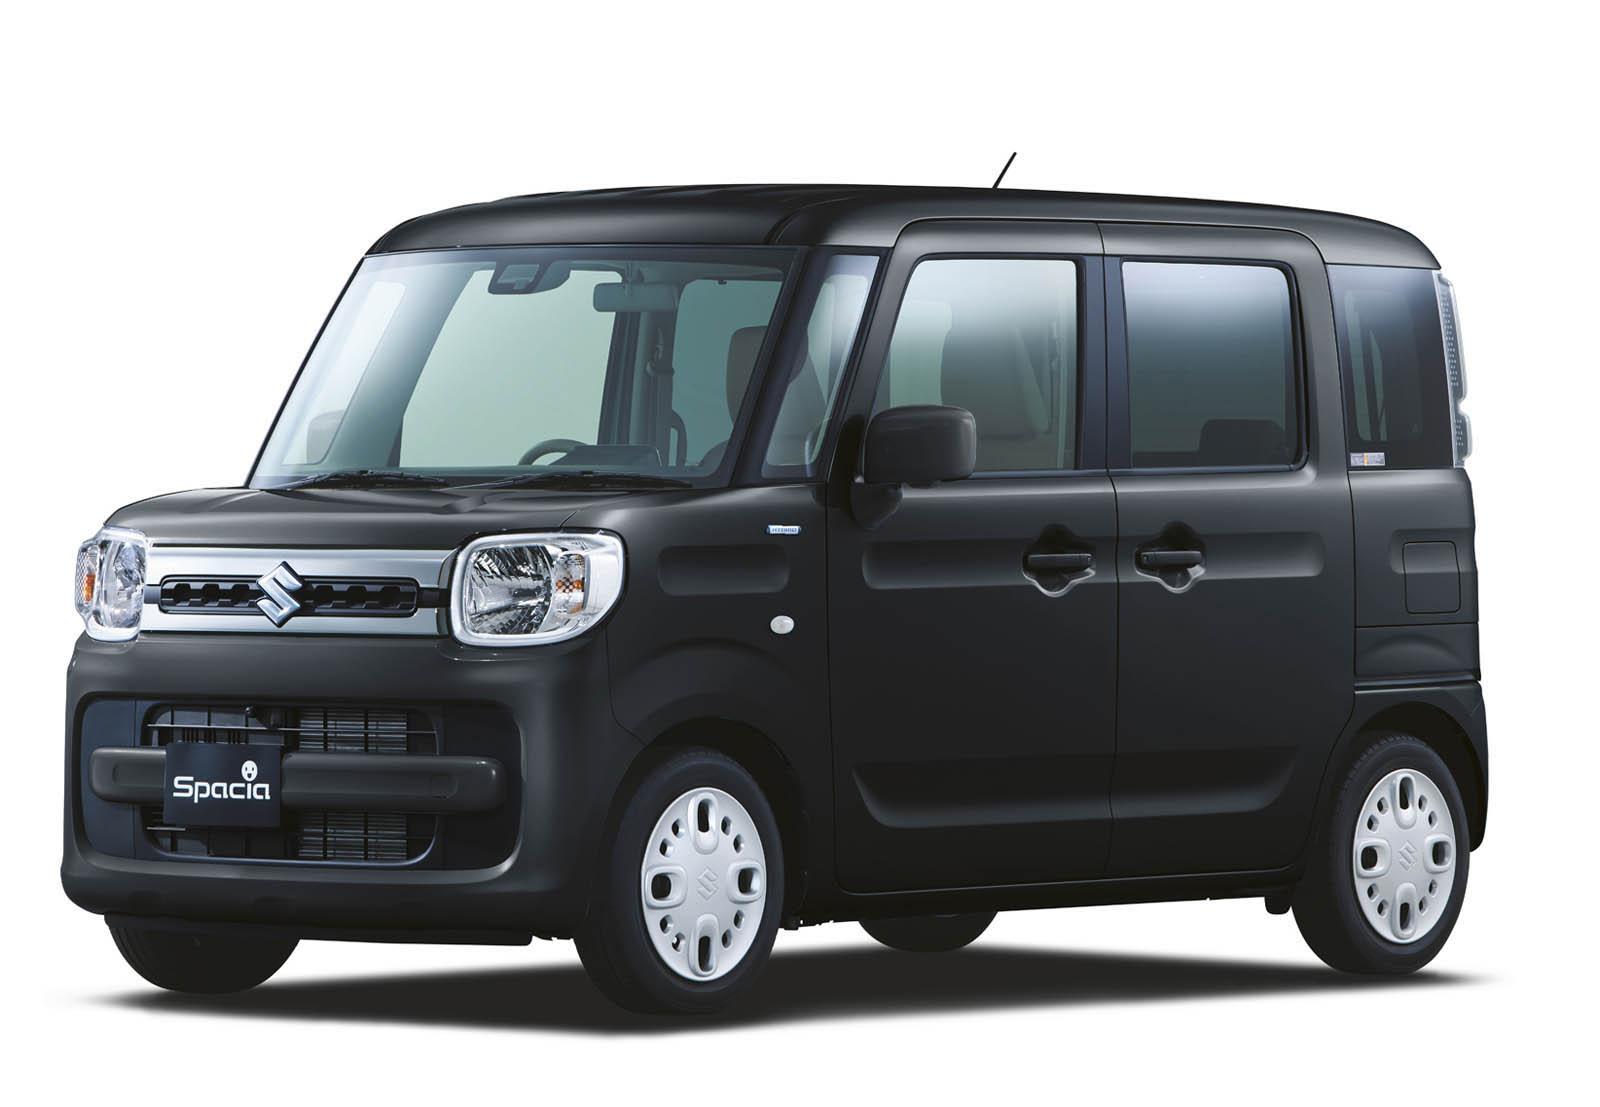 Suzuki Spacia 2018 (13)